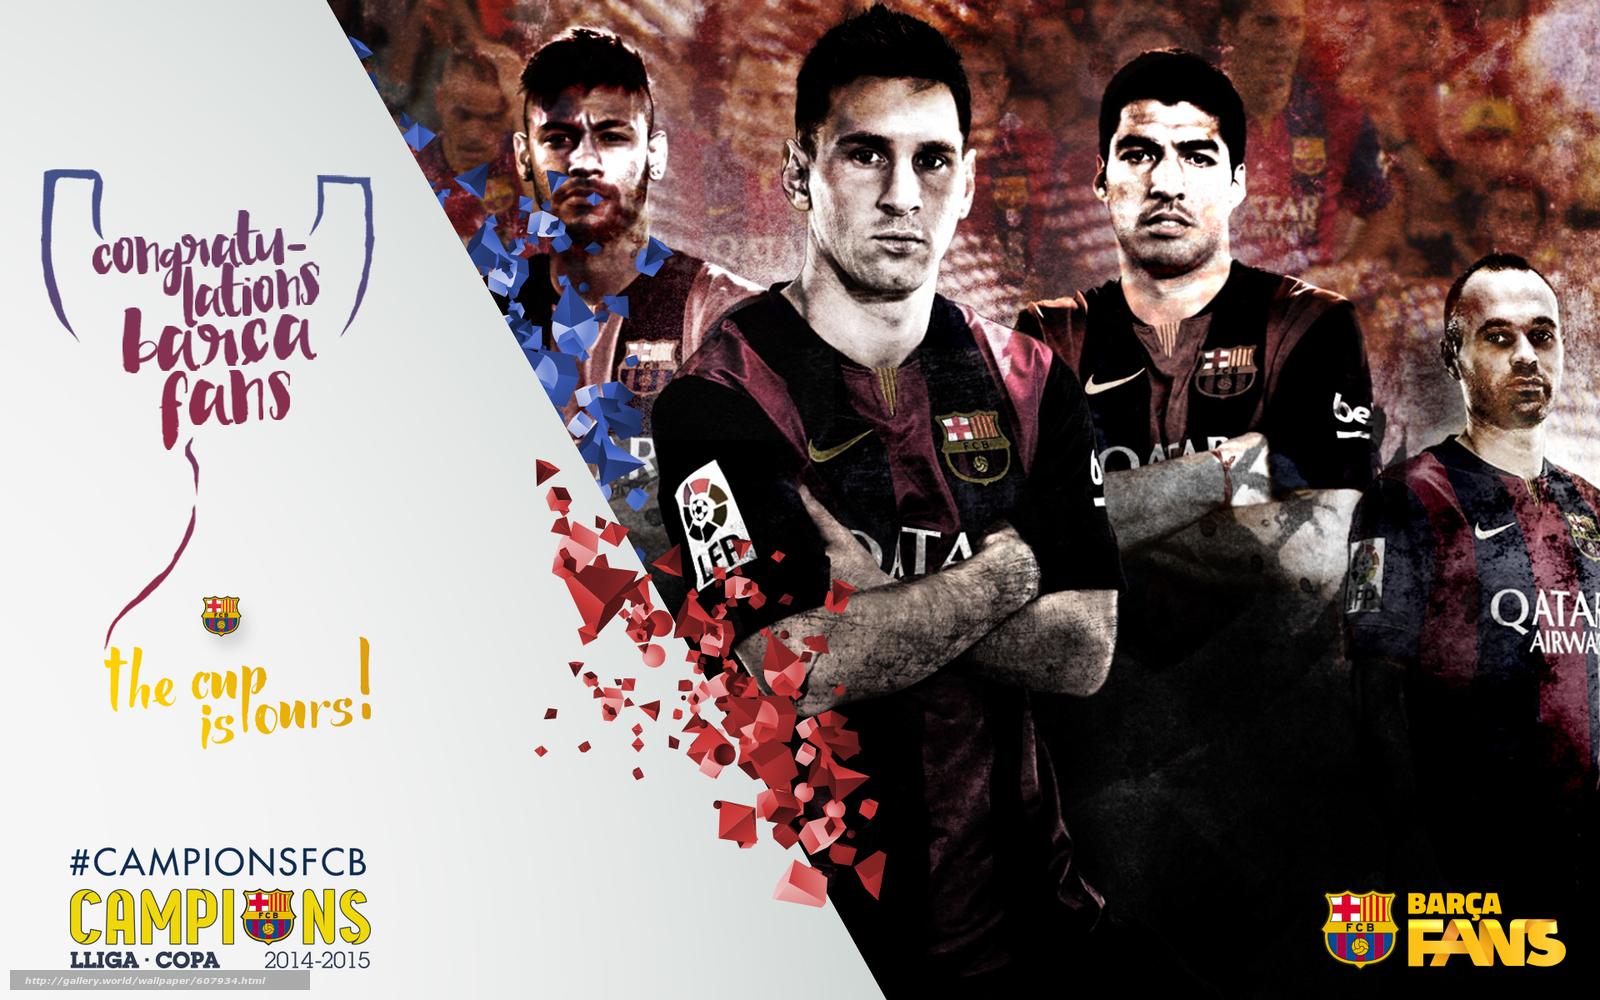 Скачать на телефон обои фото картинку на тему футбол, FC Barcelona, 2015, Copa del Rey, Champions, команда, разширение 1920x1200